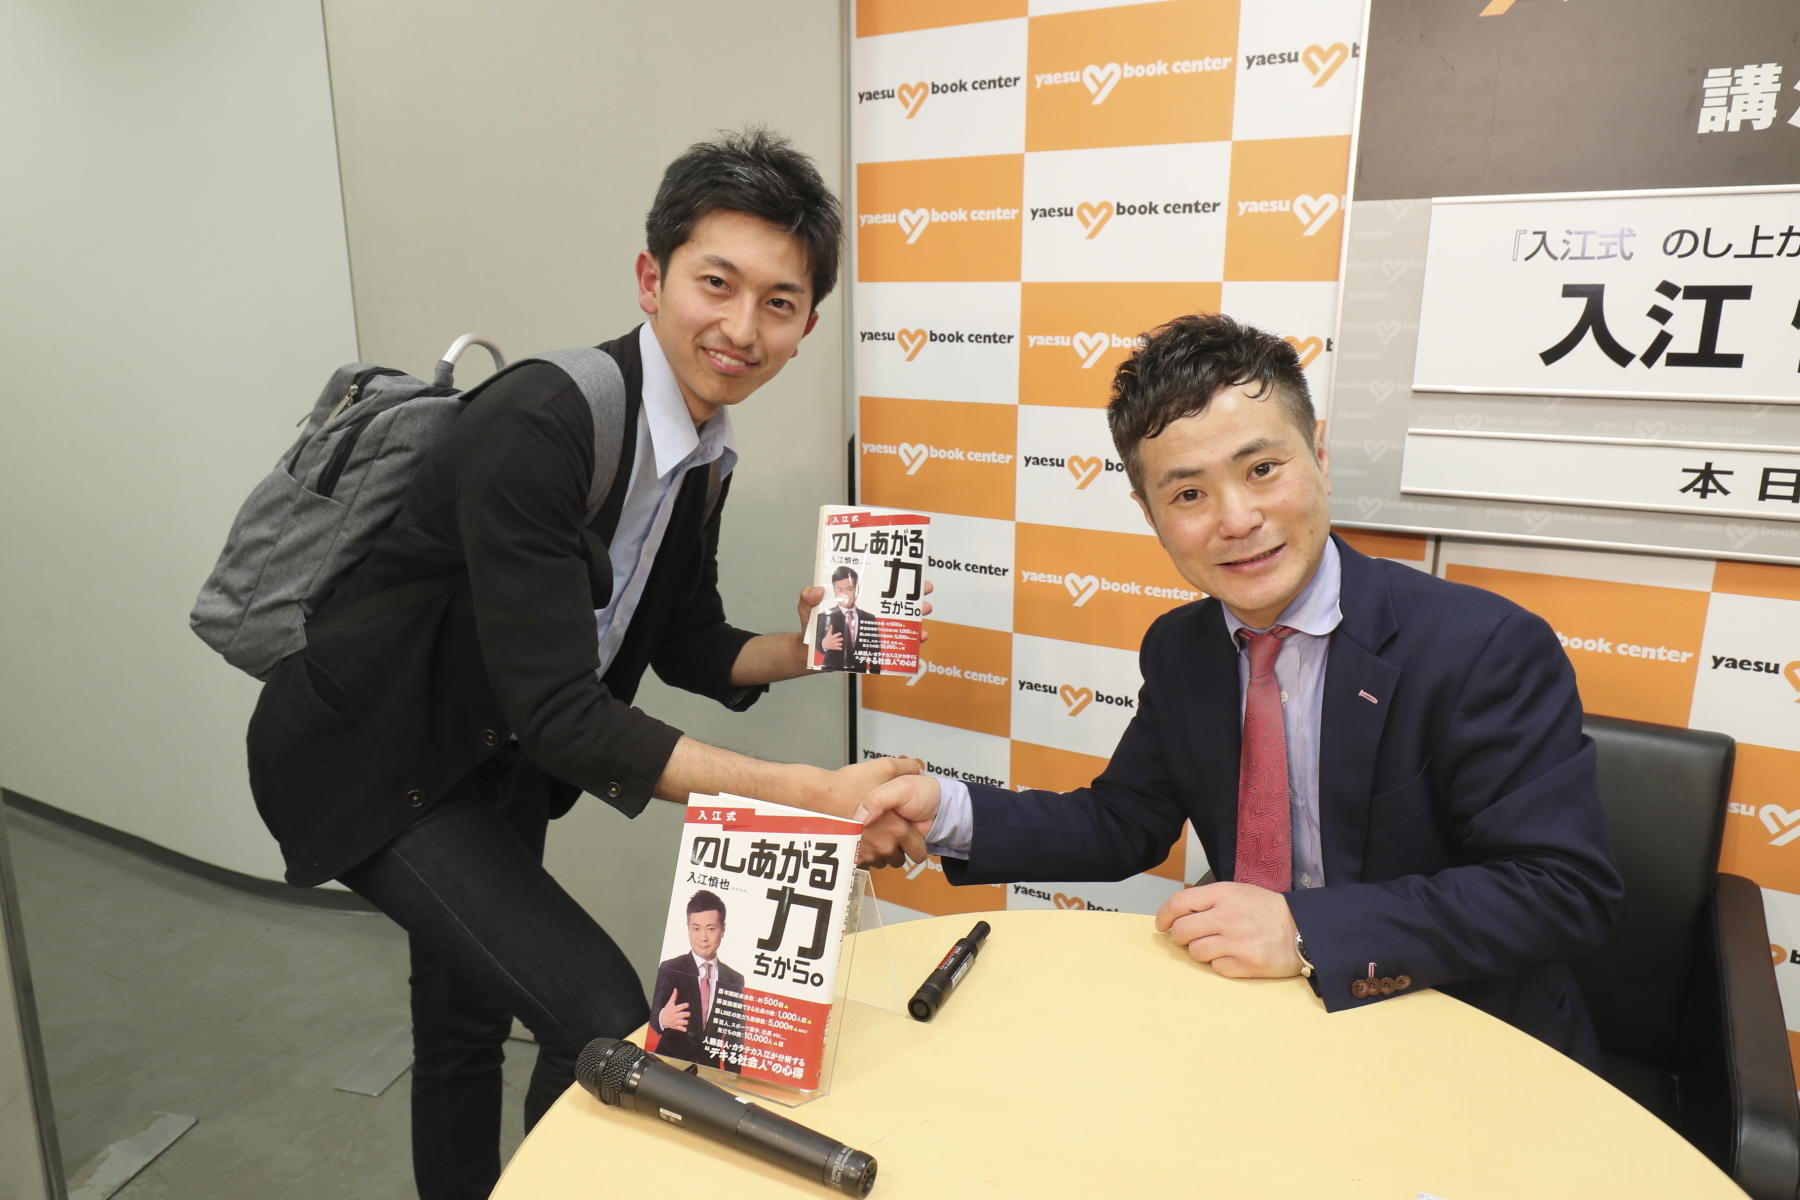 http://news.yoshimoto.co.jp/20180524224820-aafe27436da2419d149fda7e8f2619a2fc022b1d.jpg